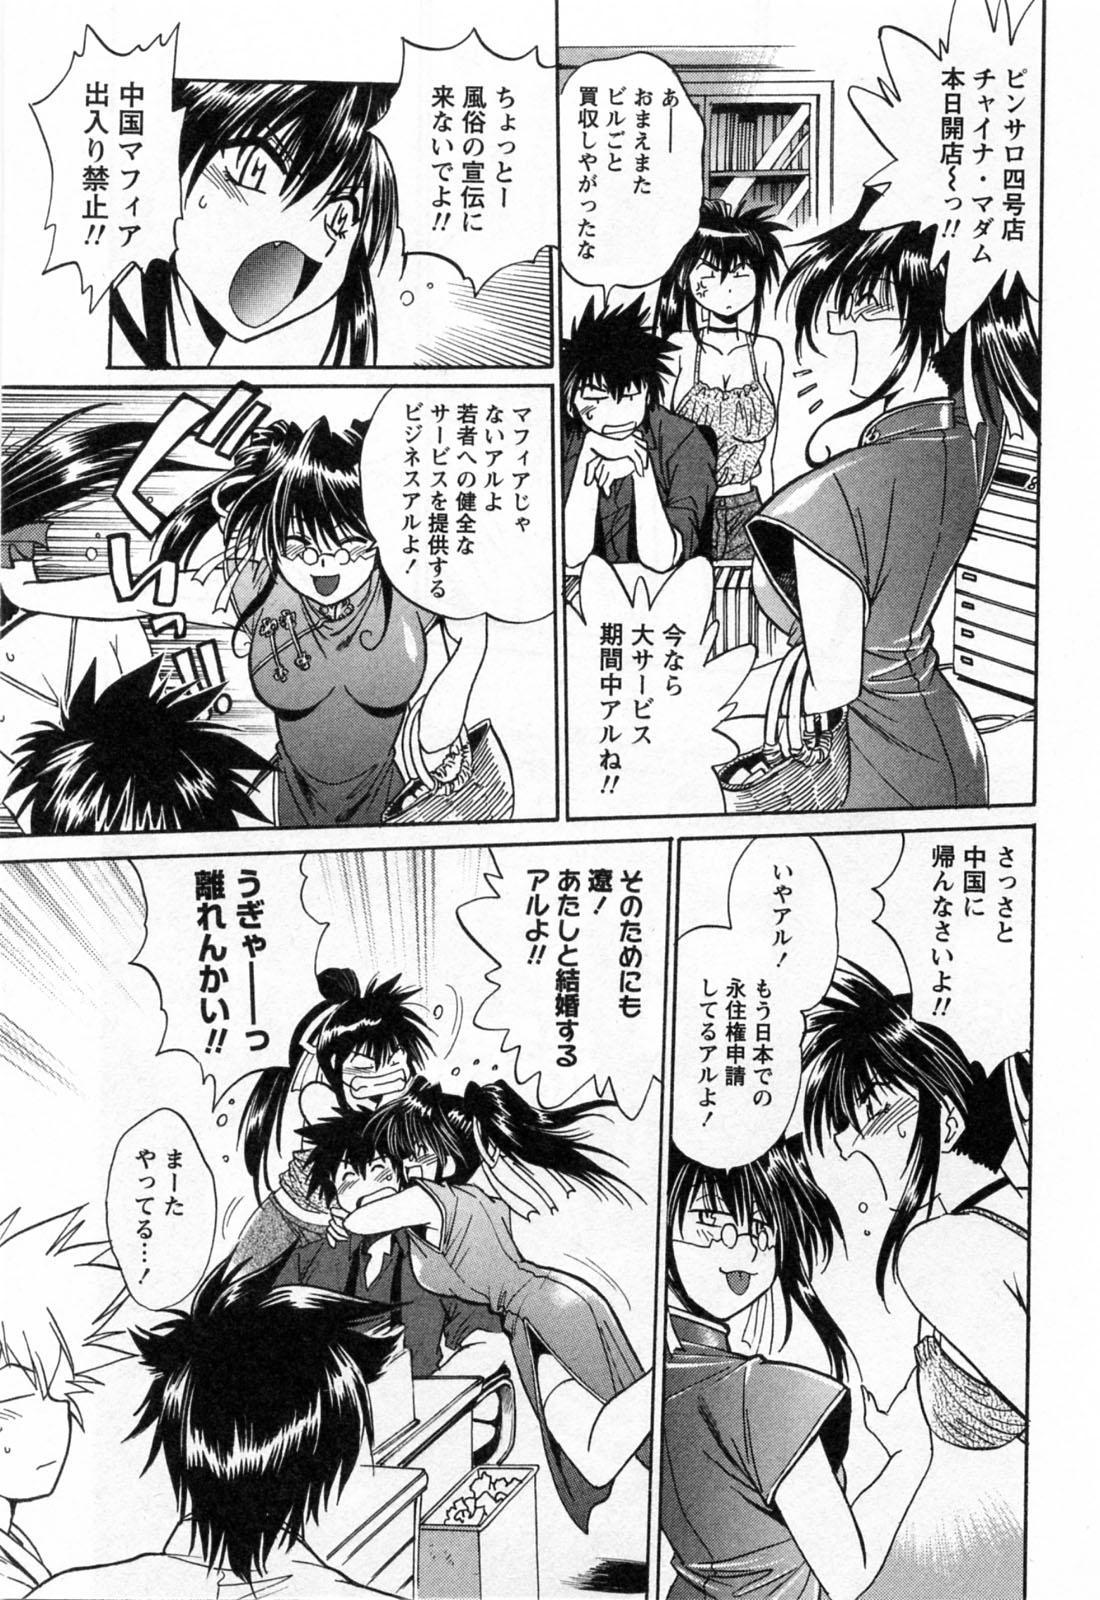 Makunouchi Deluxe 3 224